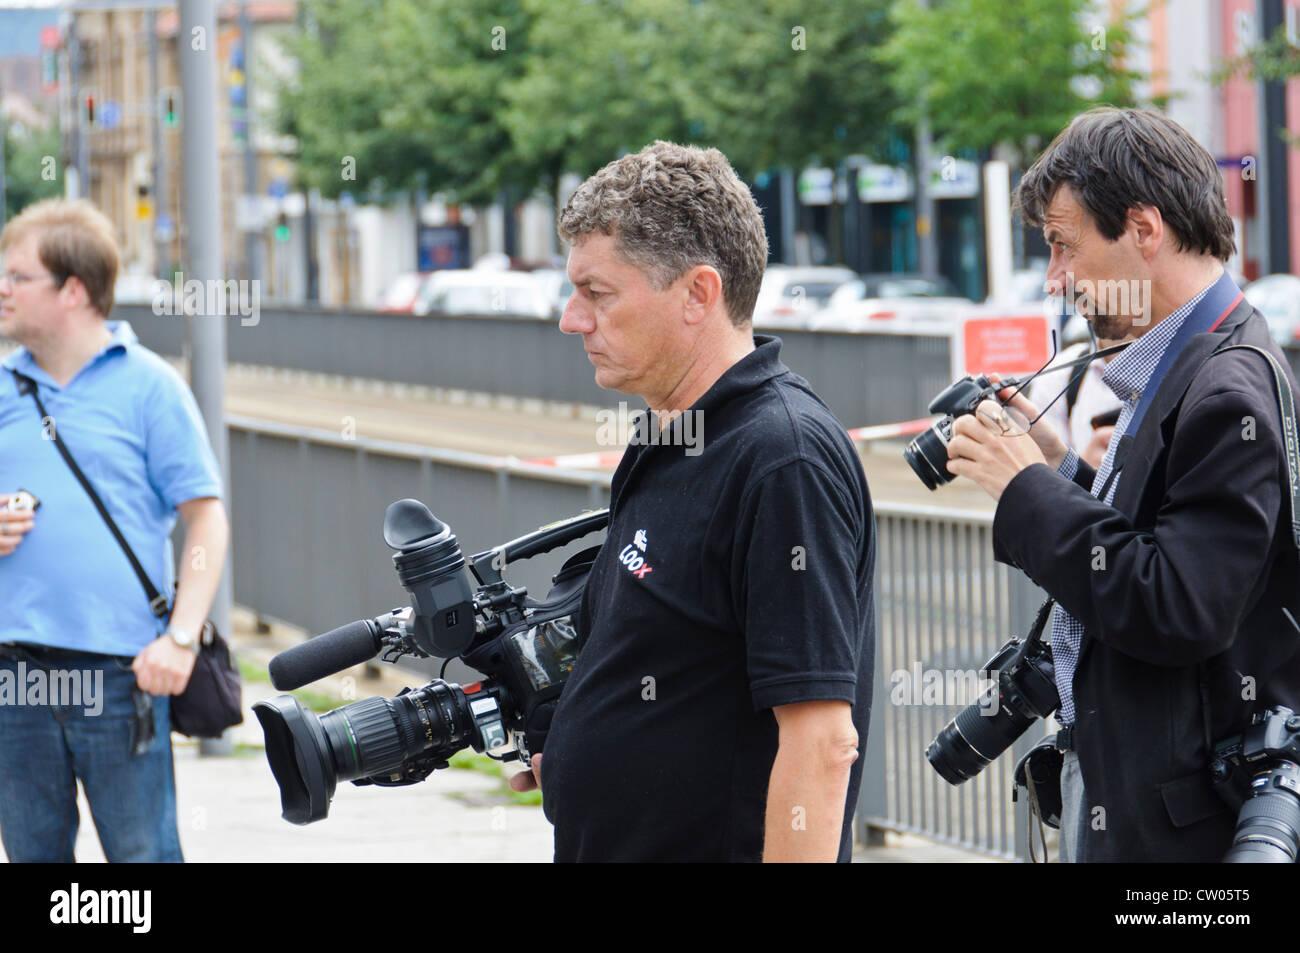 El camarógrafo de televisión fotógrafo profesional ENG Electronic News Gathering reportaje Imagen De Stock